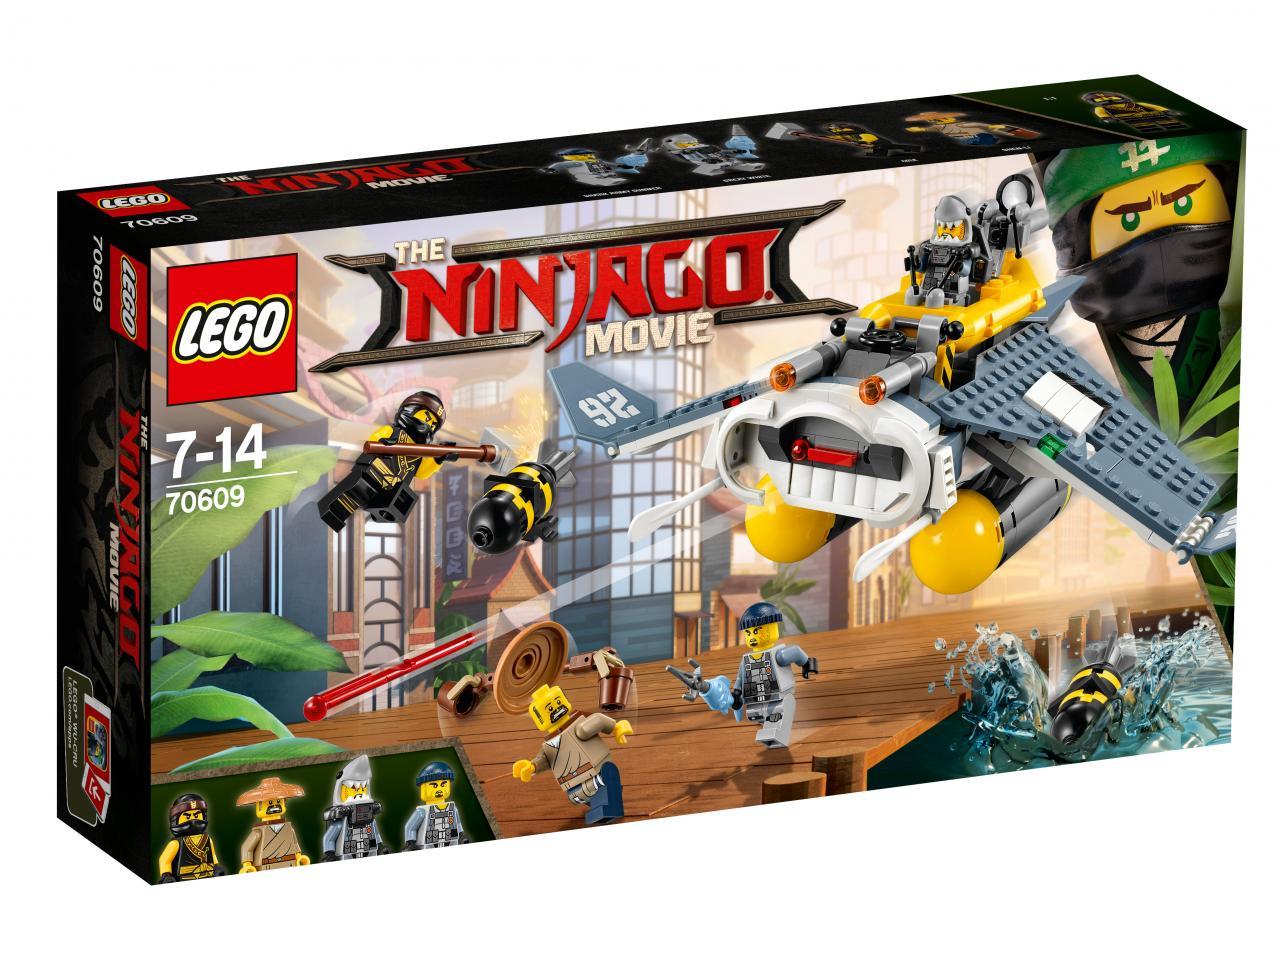 Конструктор LEGO 70609 Ninjago Бомбардировщик Морской дьявол , пластик, Для мальчиков и девочек, Венгрия, Конструкторы  - купить со скидкой